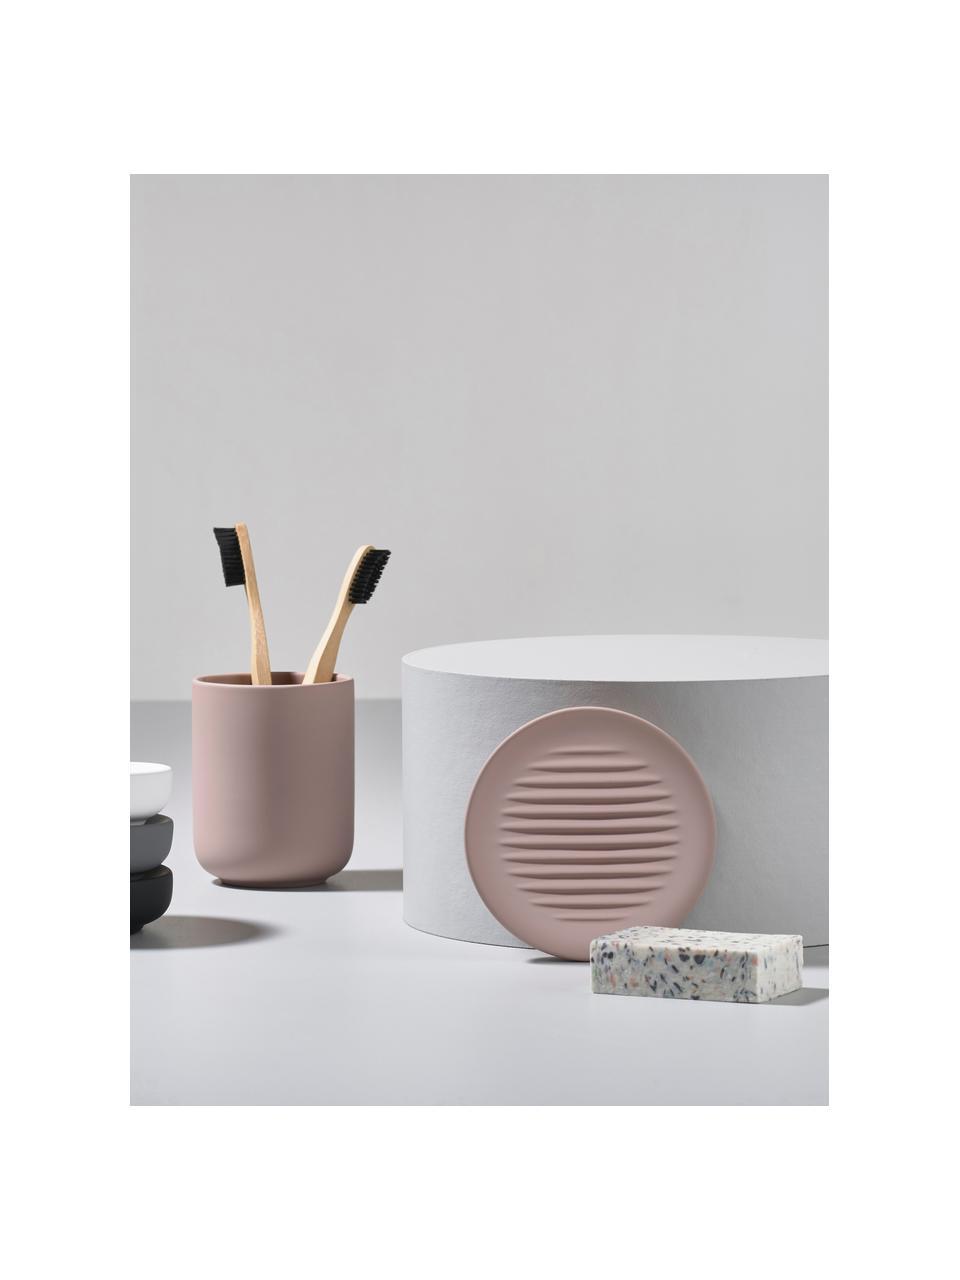 Porzellan-Seifenschale Ume, Steingut überzogen mit Soft-touch-Oberfläche (Kunststoff), Beige, Ø 12 x H 3 cm